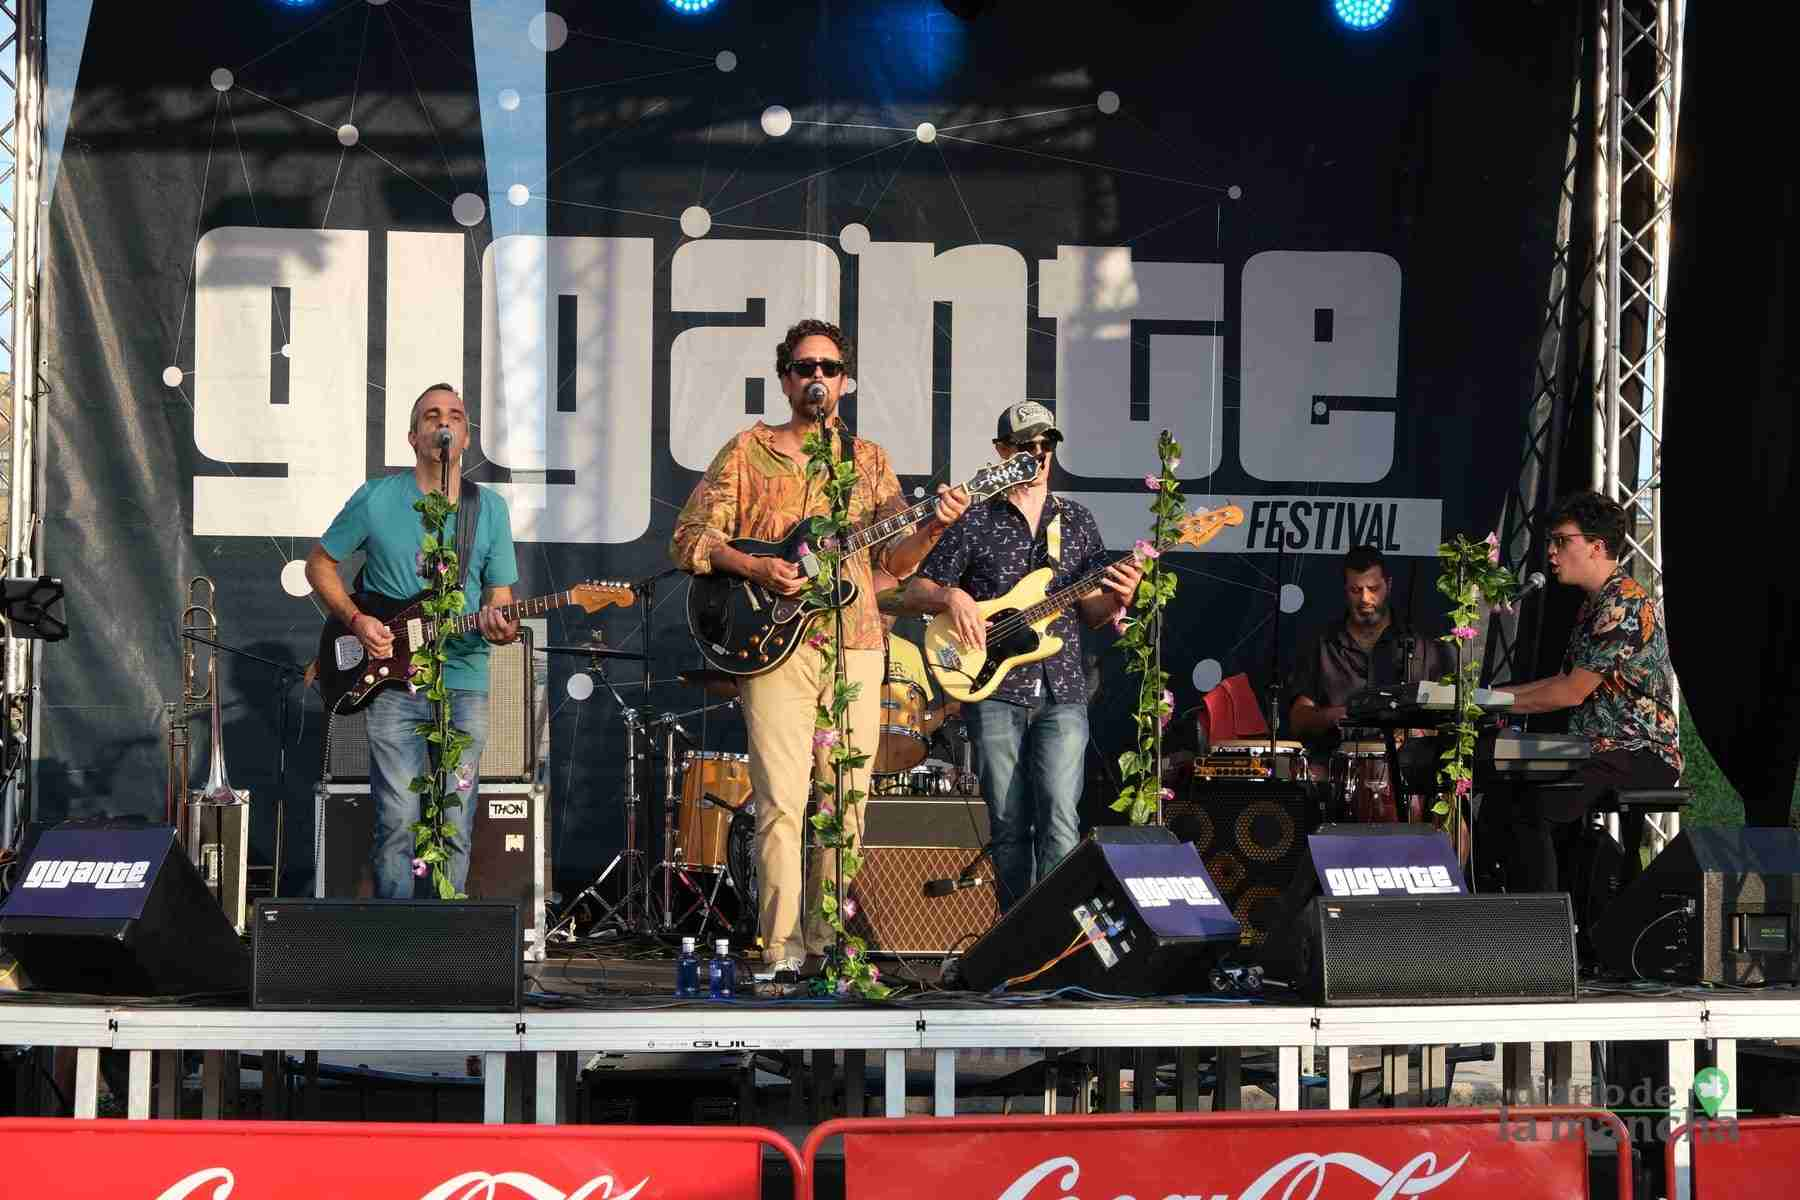 Disfrutamos de un gran Festival Gigante en Guadalajara 19